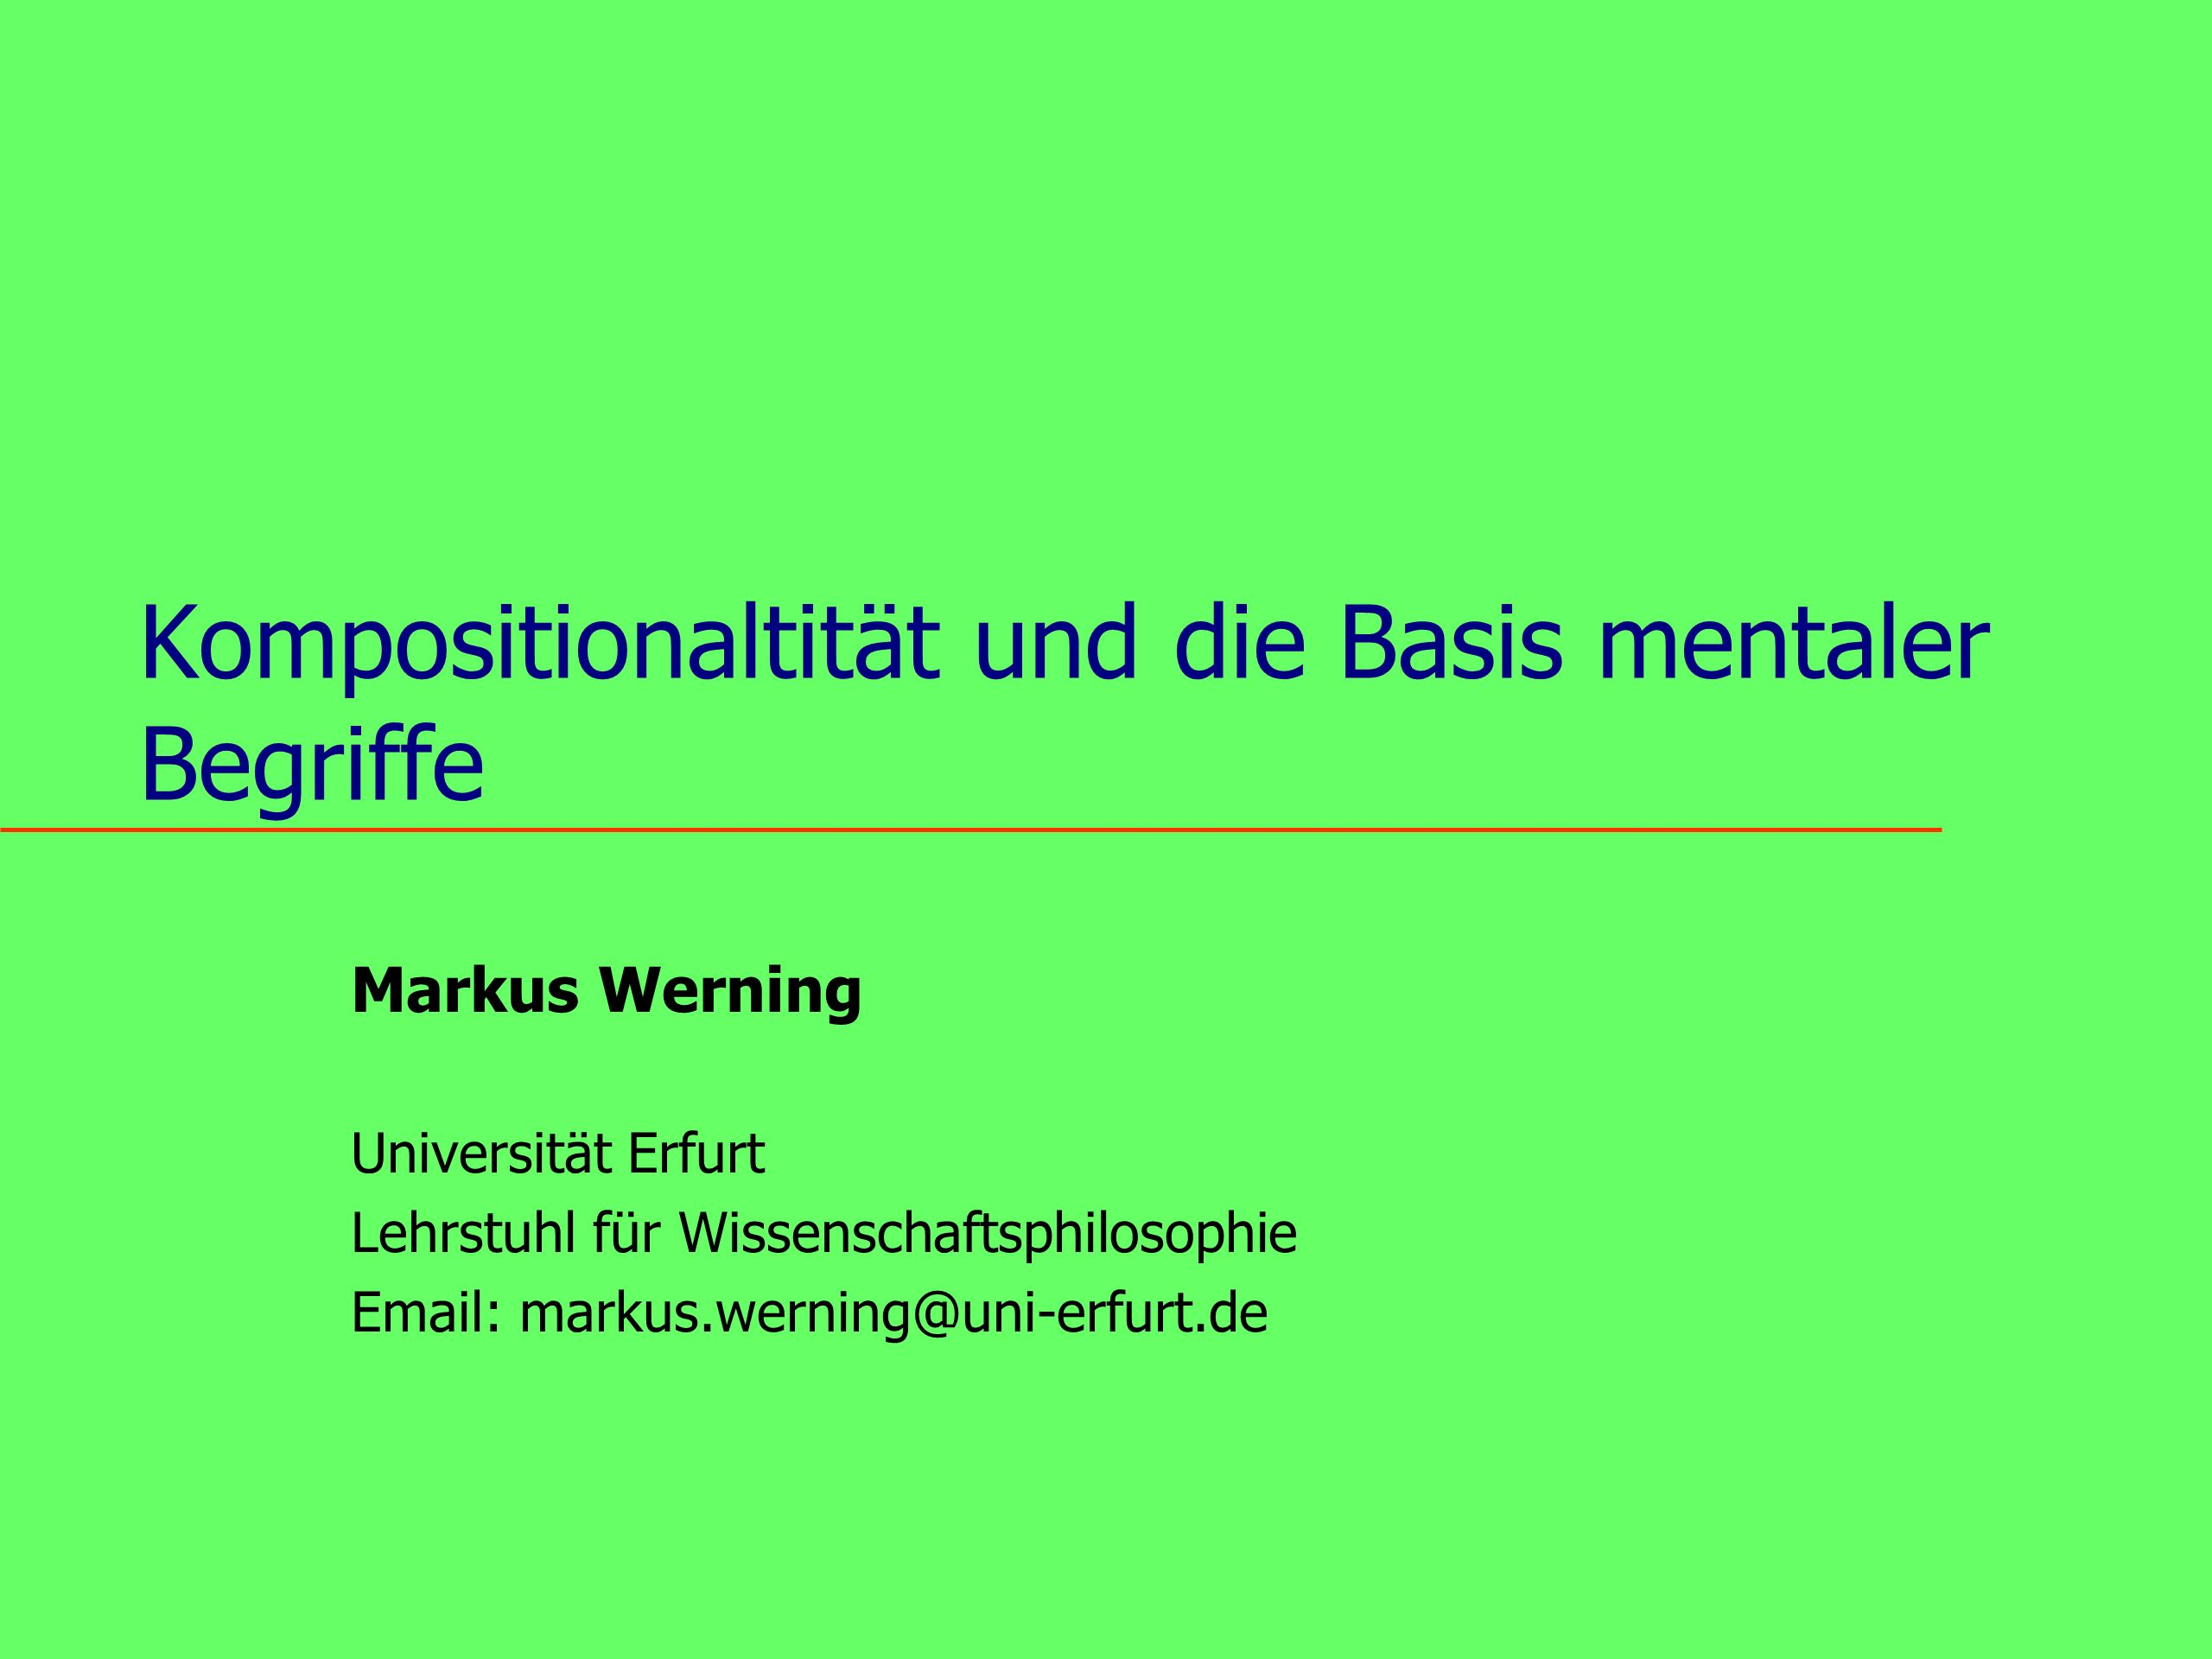 u Semantische Kompositionalität ist eine notwendige Grundlage für Systematizität.